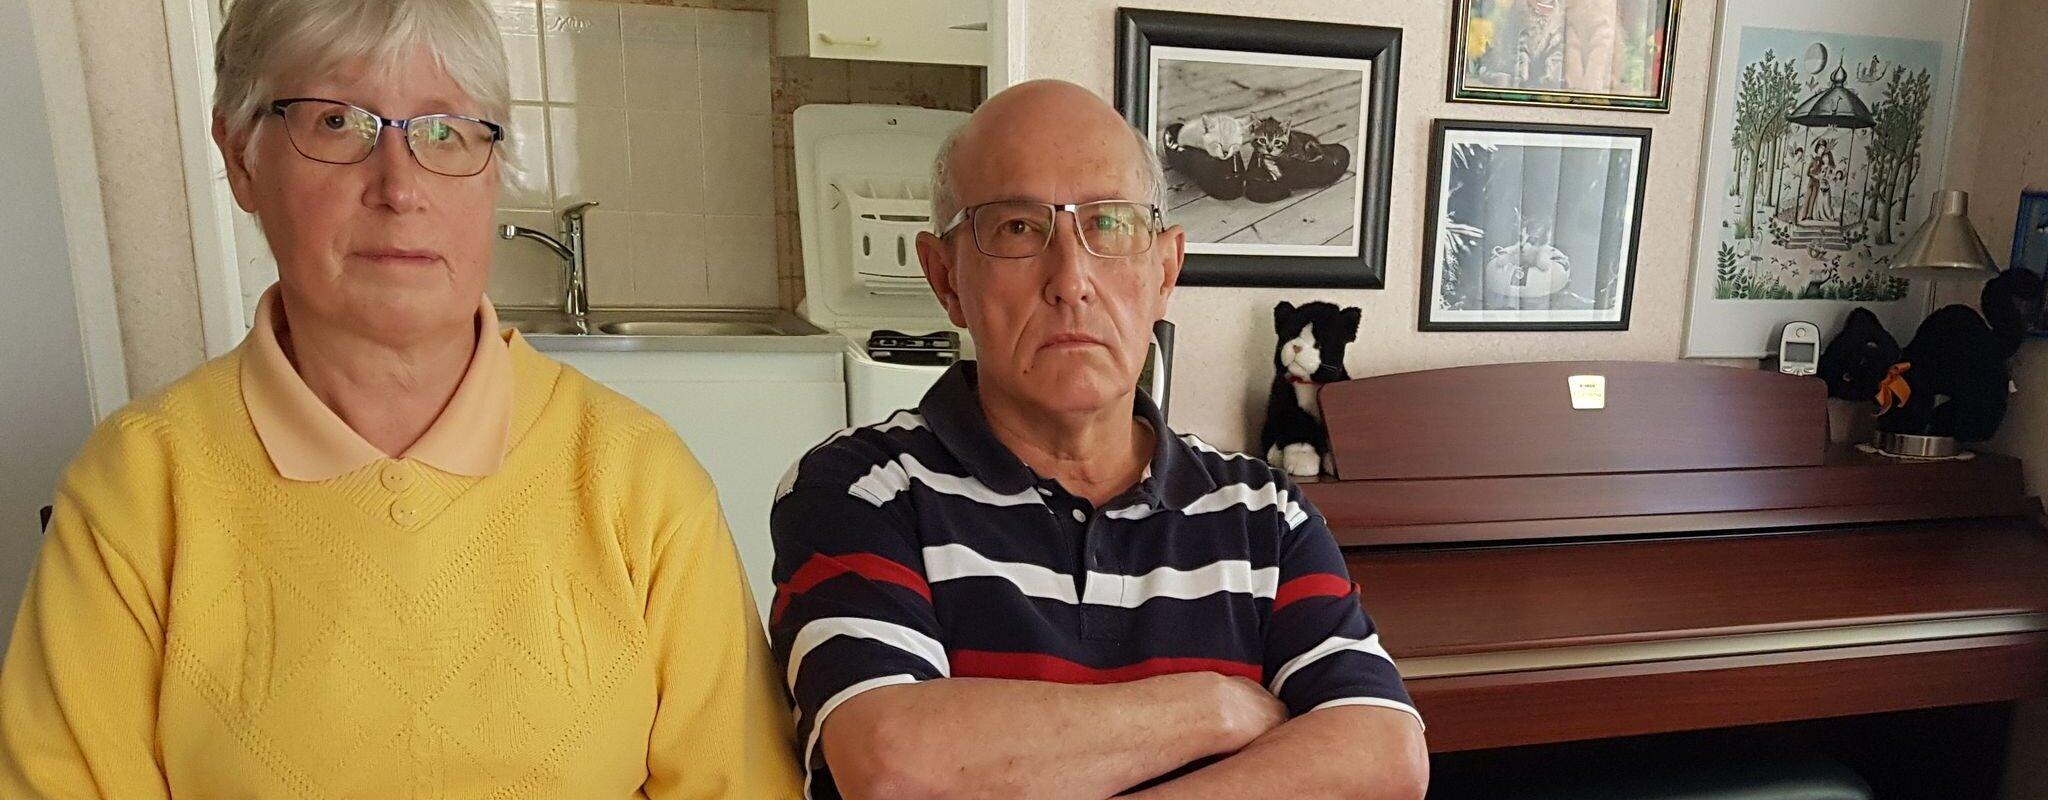 Ciblé par des menaces et tags antisémites depuis cinq ans, un couple de retraités subit l'indifférence